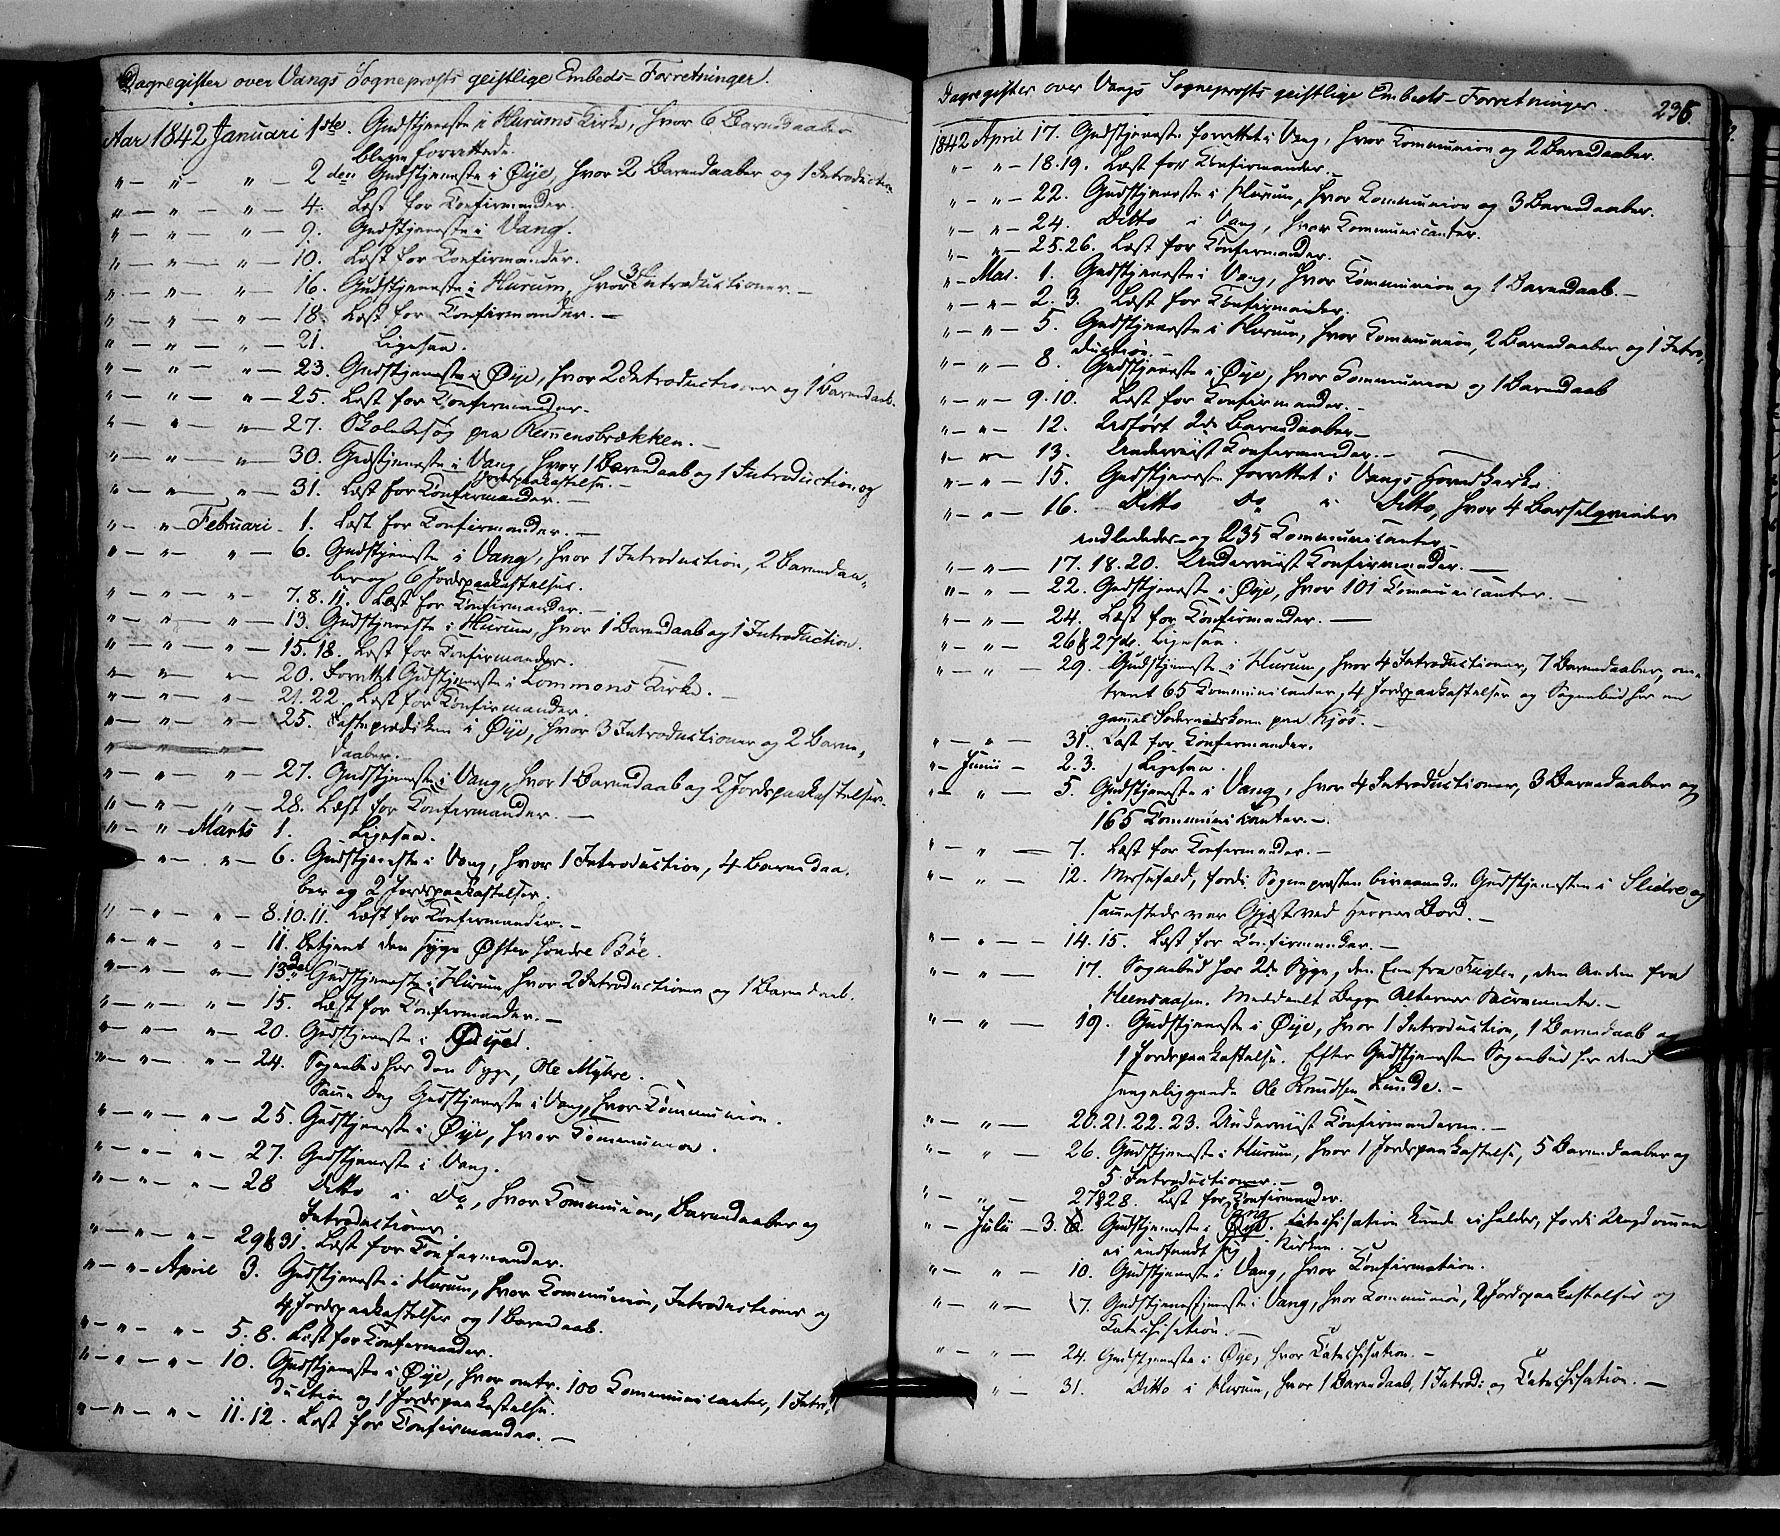 SAH, Vang prestekontor, Valdres, Ministerialbok nr. 5, 1831-1845, s. 235